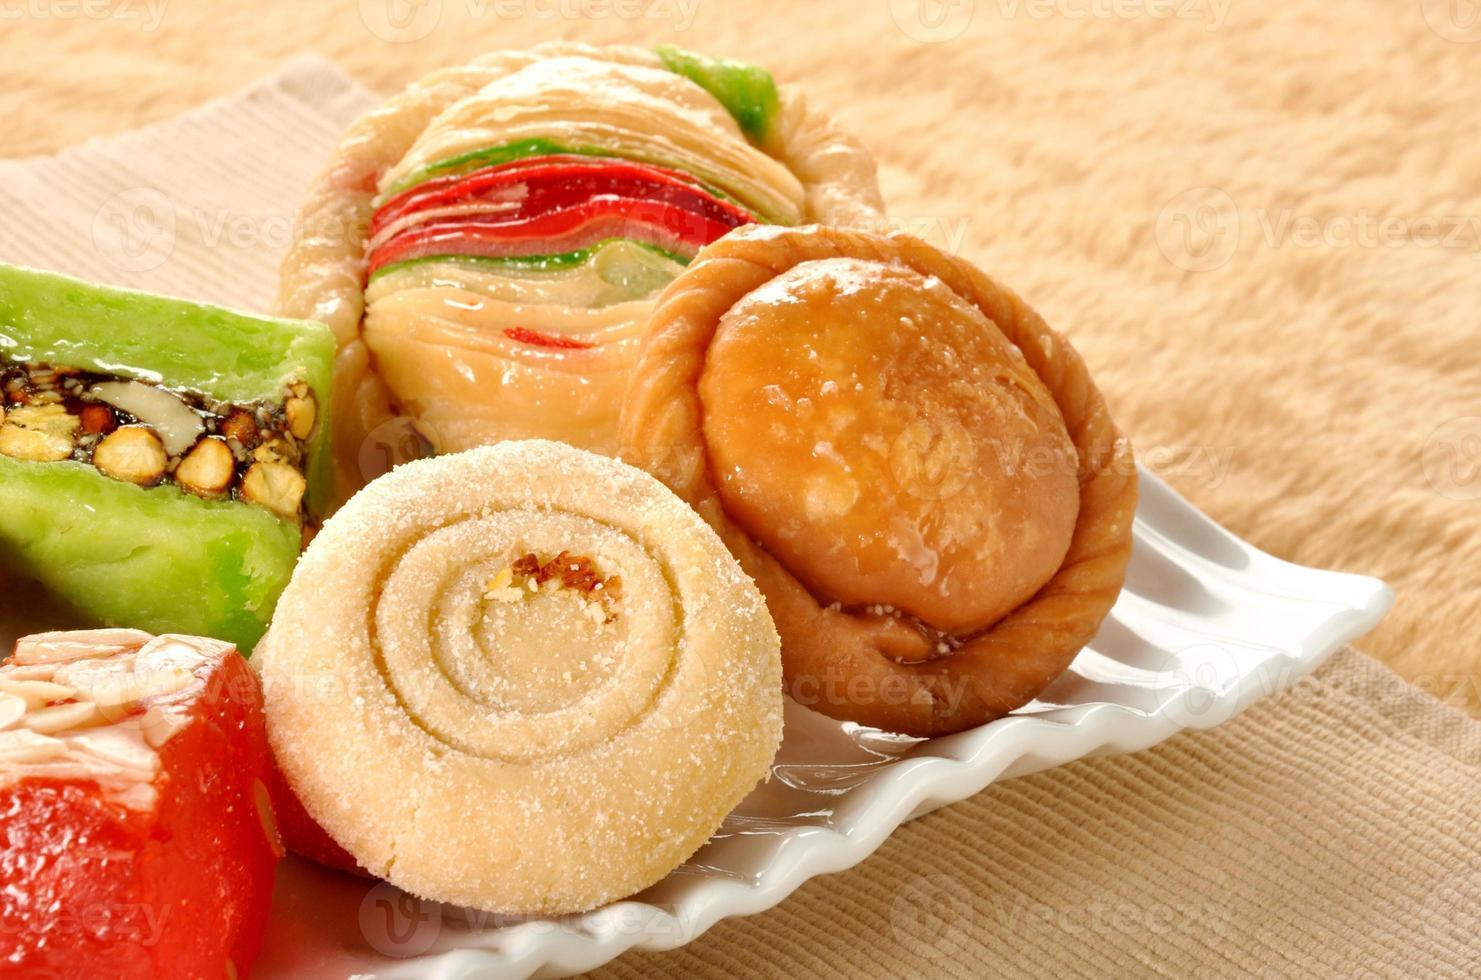 köstliche Mischung Süßigkeiten-3 foto